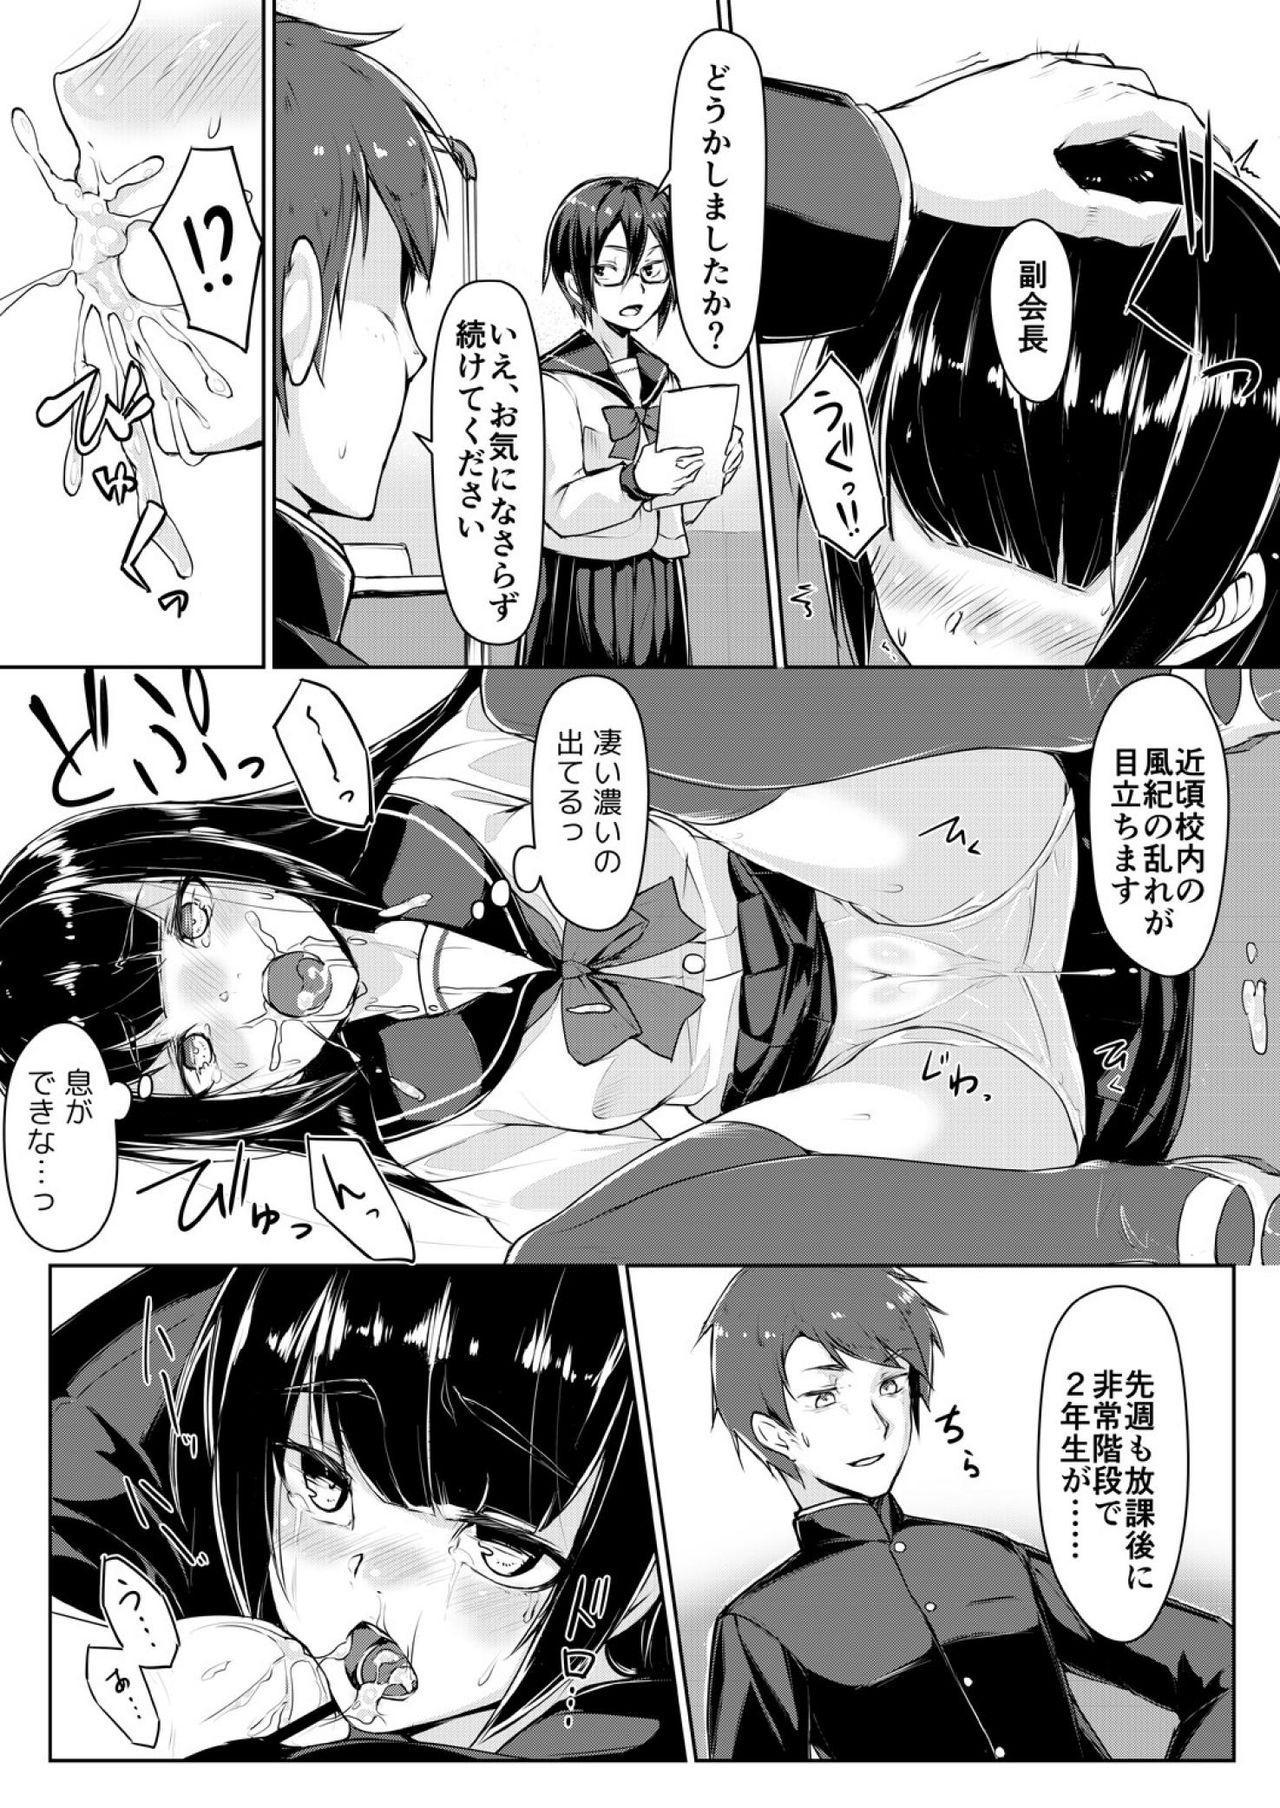 Dosukebe na Seitokaichou o Choukyou Shite yatta ~Minna no Mae de Koukai Onanie!? 12